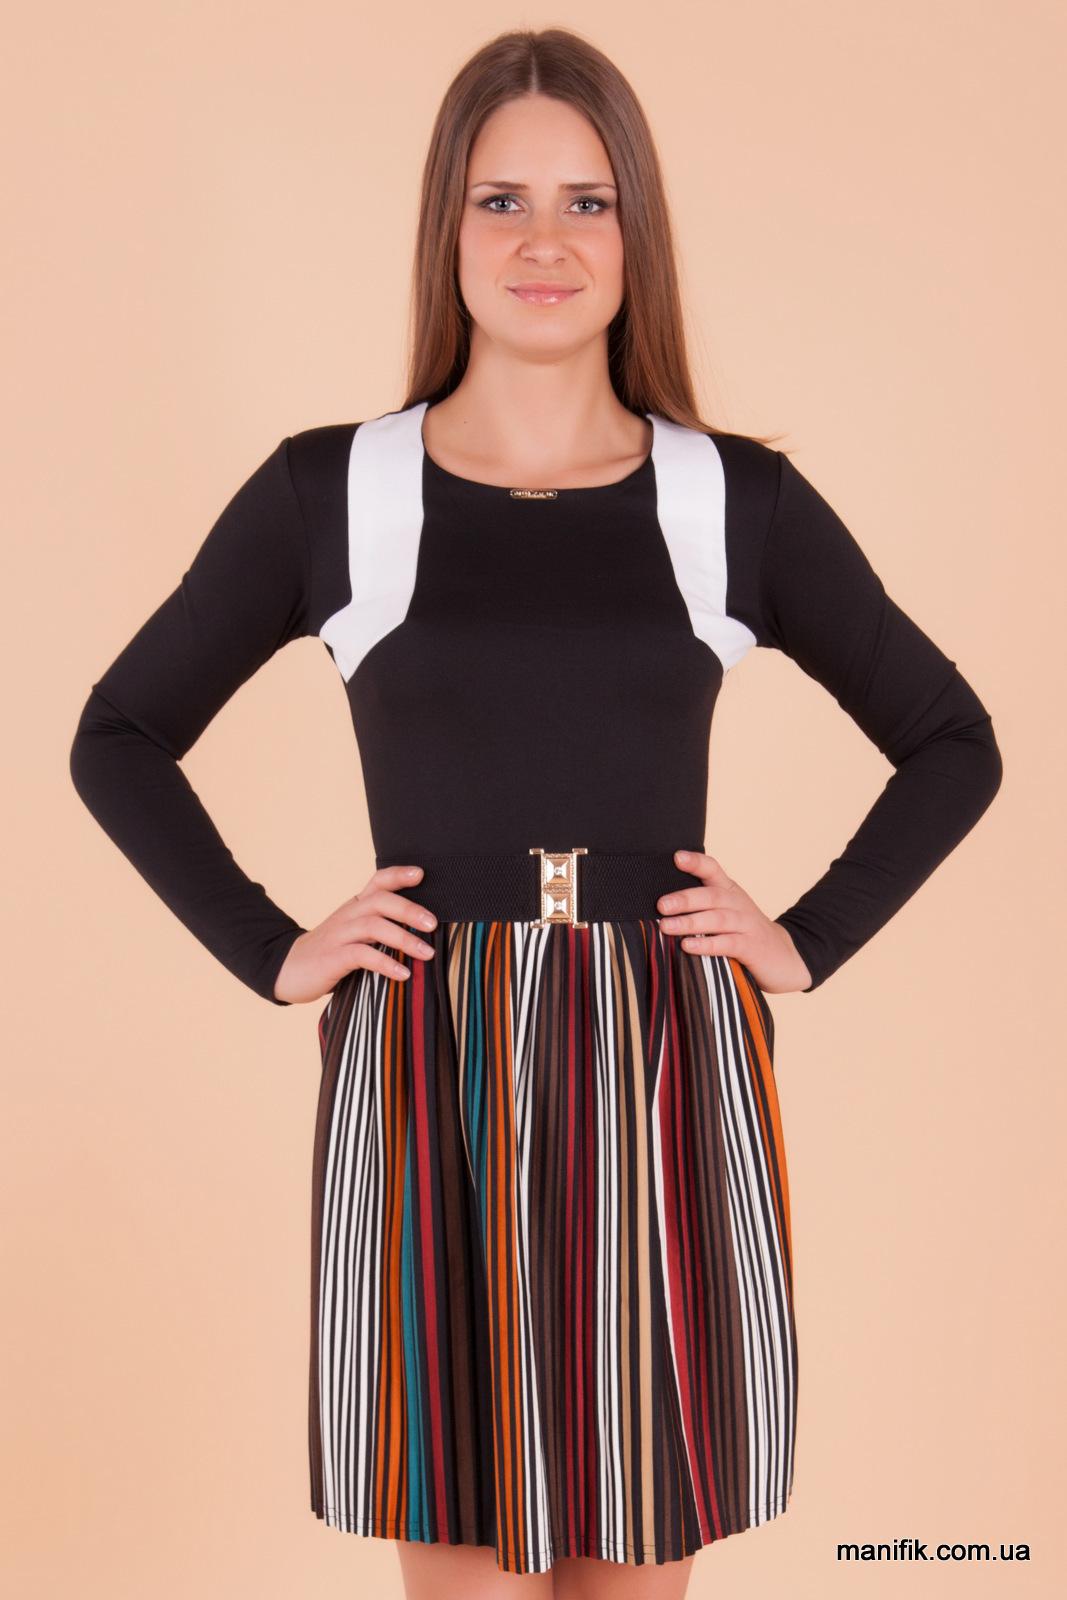 Матильда женская одежда доставка